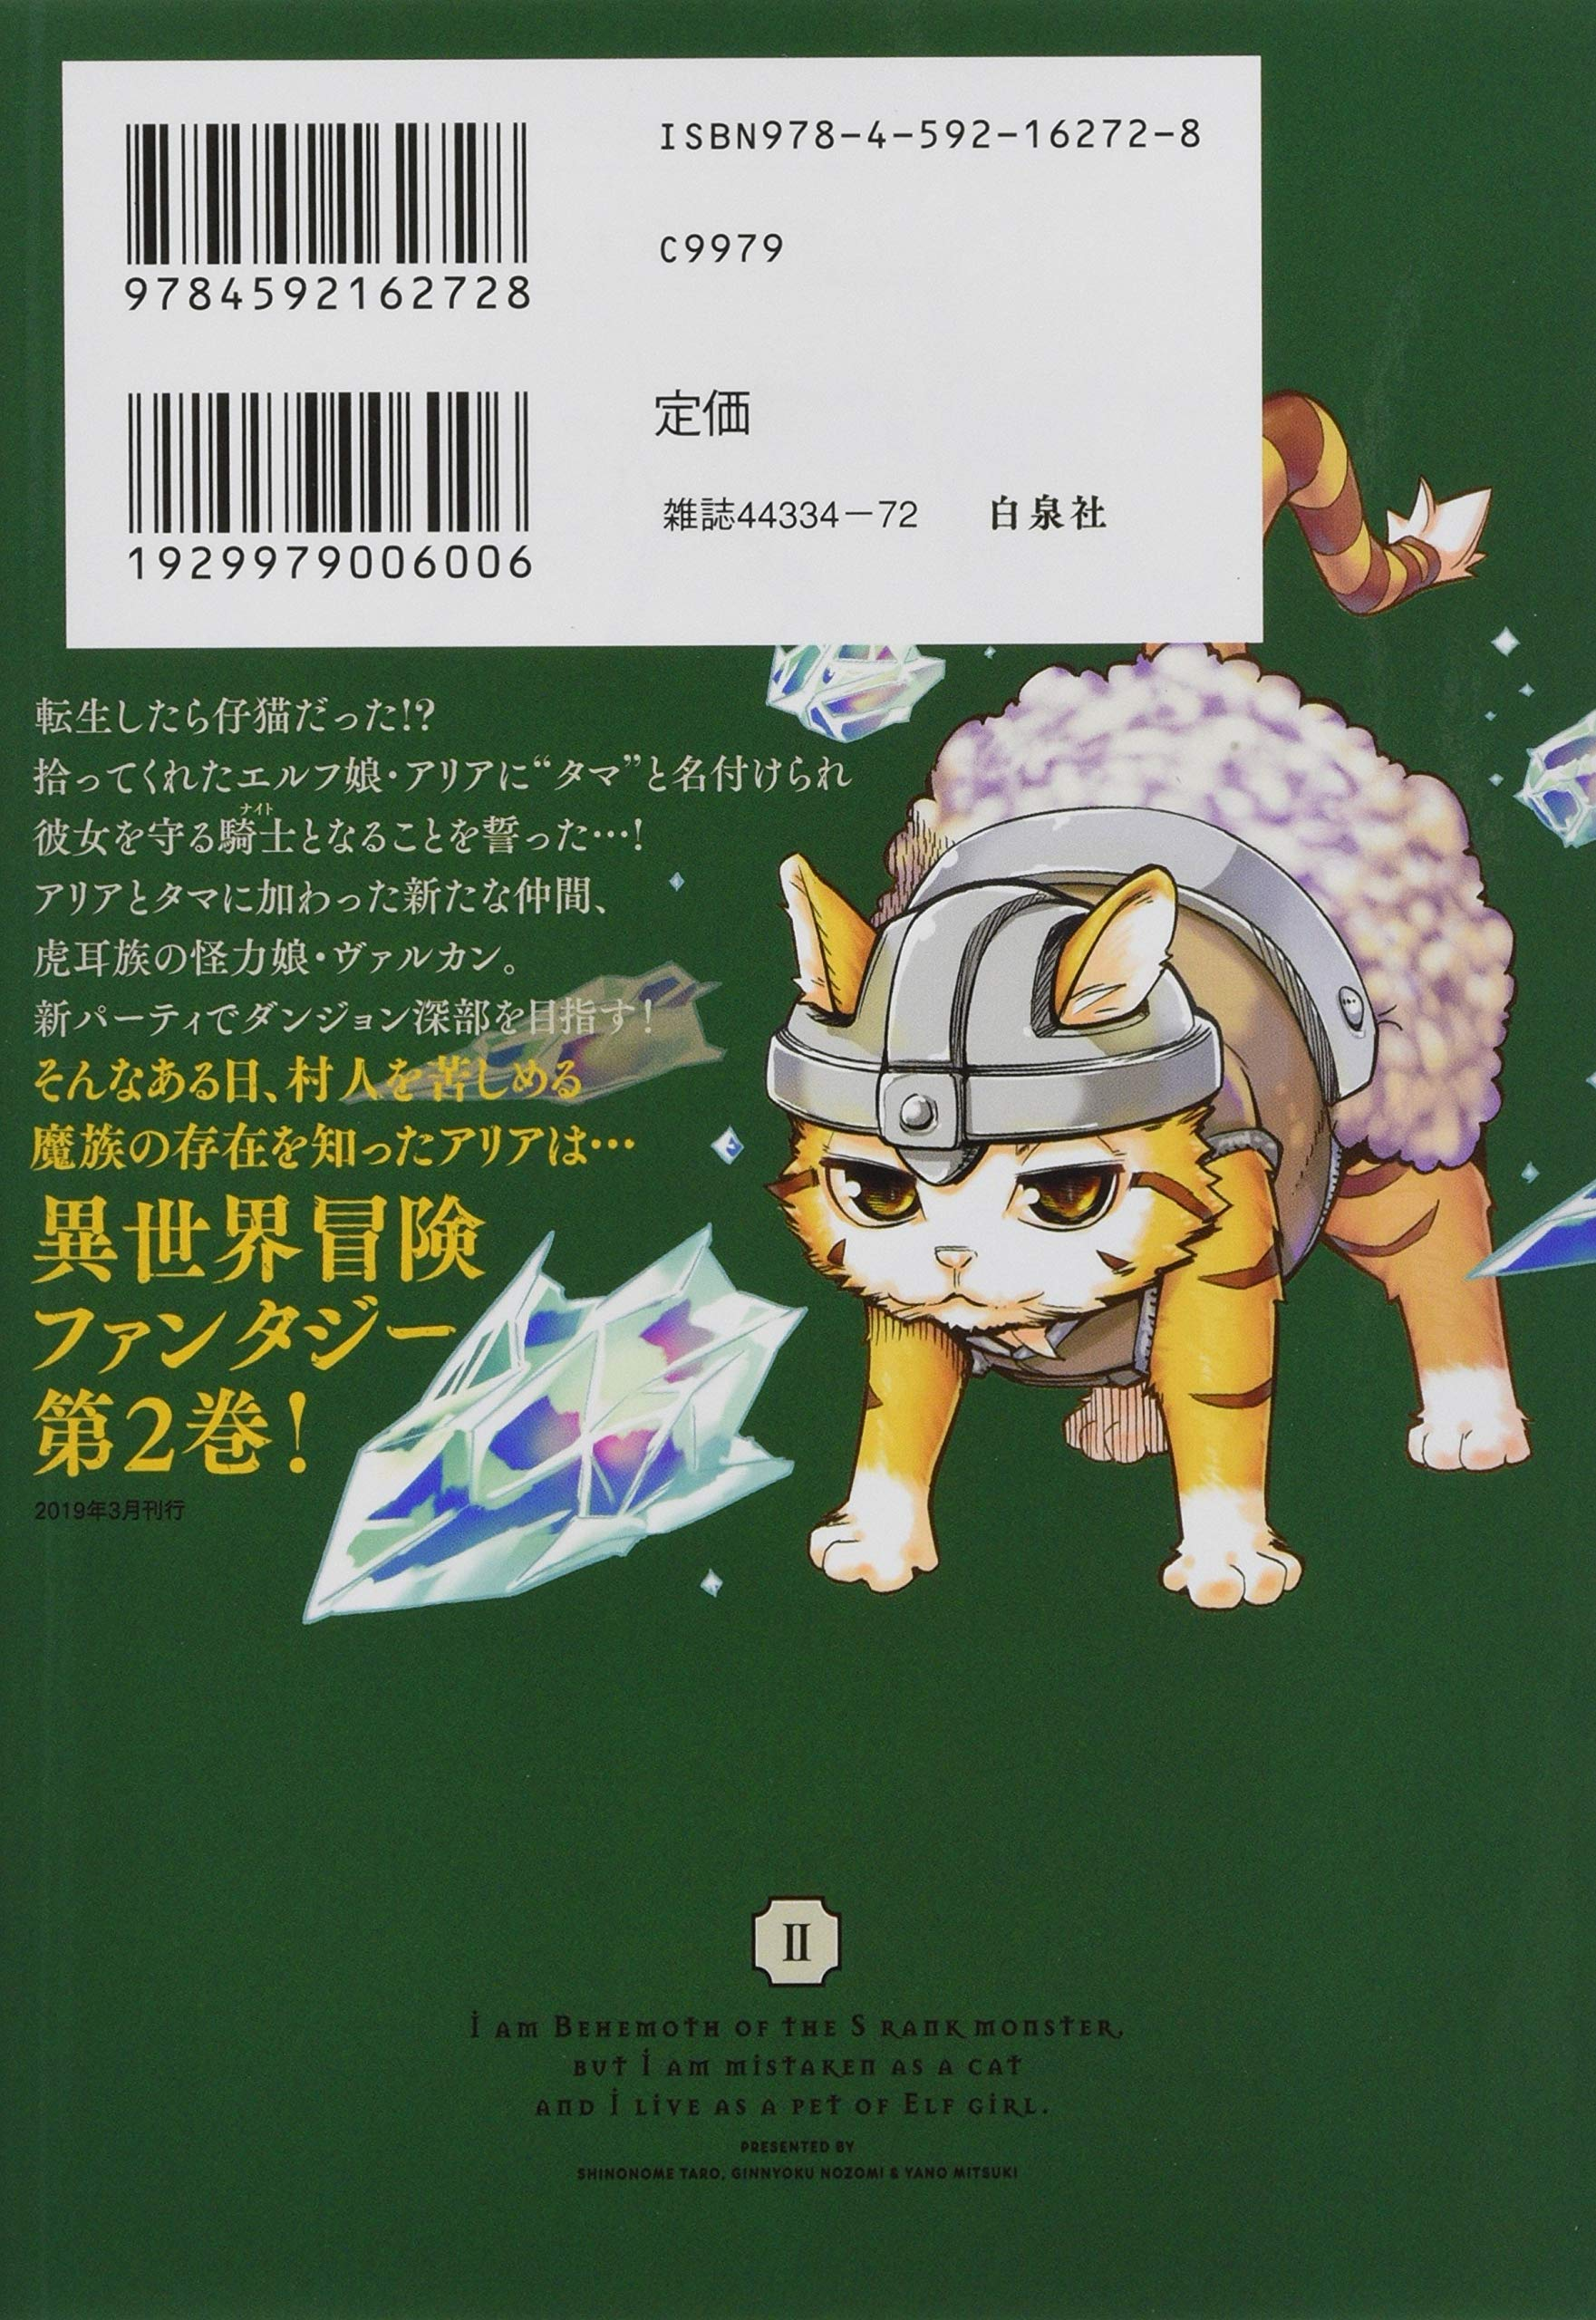 s ランク モンスター の ベヒーモス だけど ネコ と 間違わ れ て エルフ 娘 の 騎士 として 暮らし てい ます